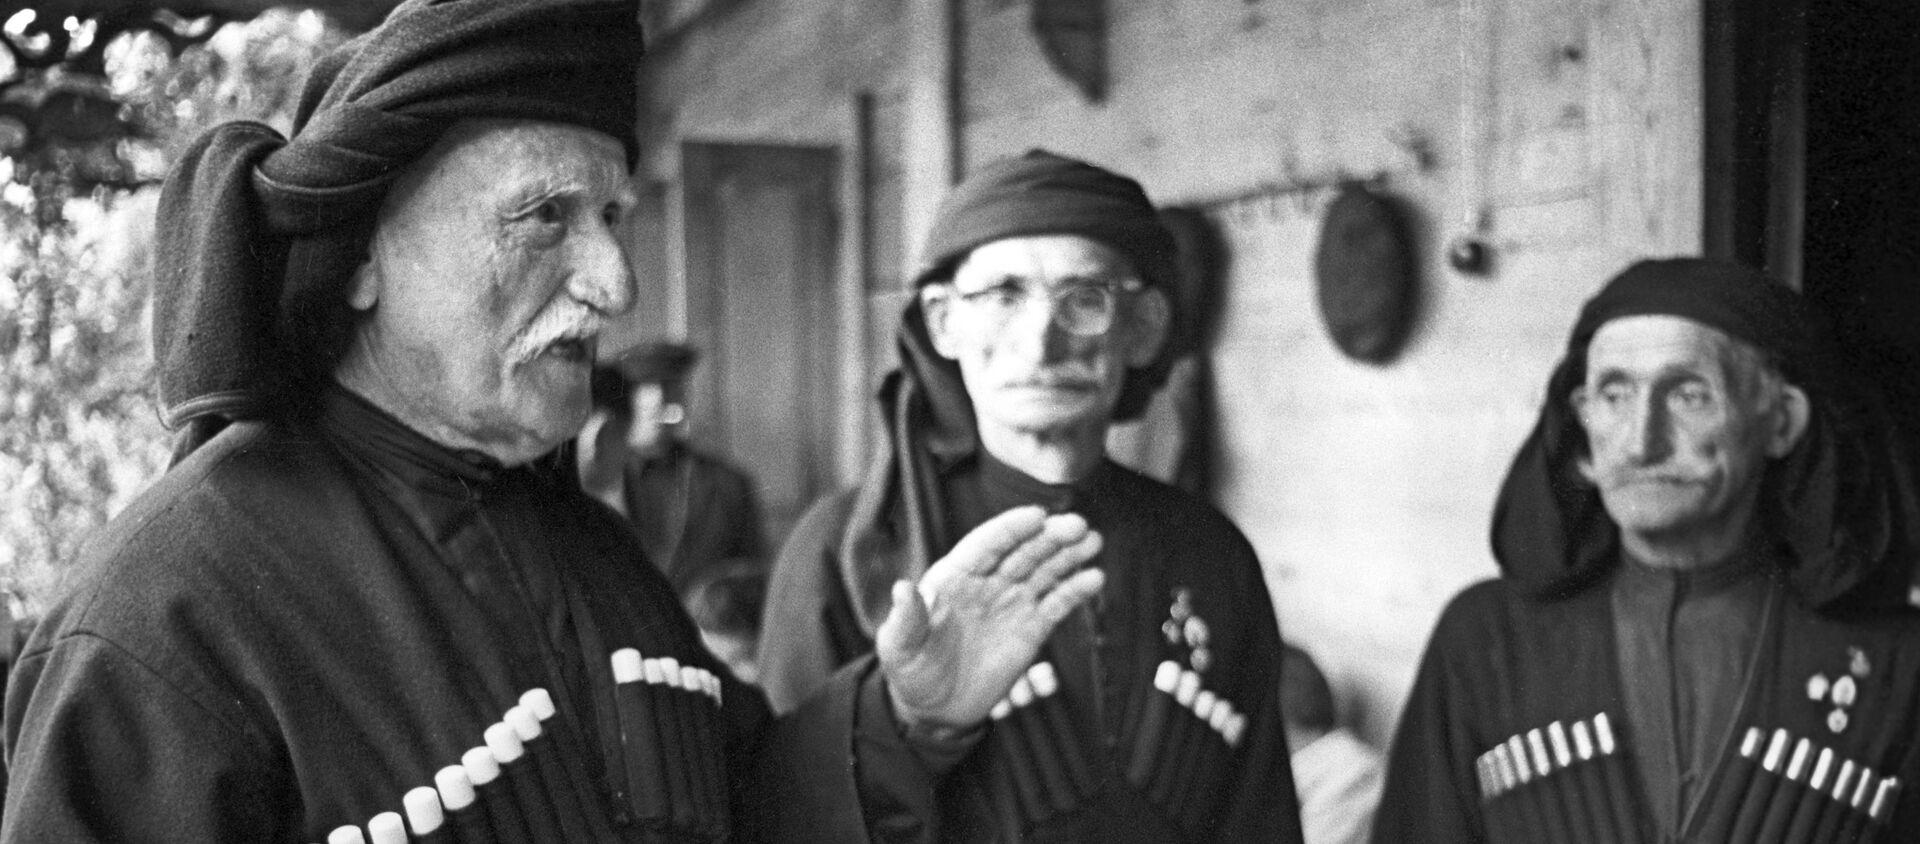 Долгожители из абхазского села Джгерда - Sputnik Аҧсны, 1920, 30.08.2020